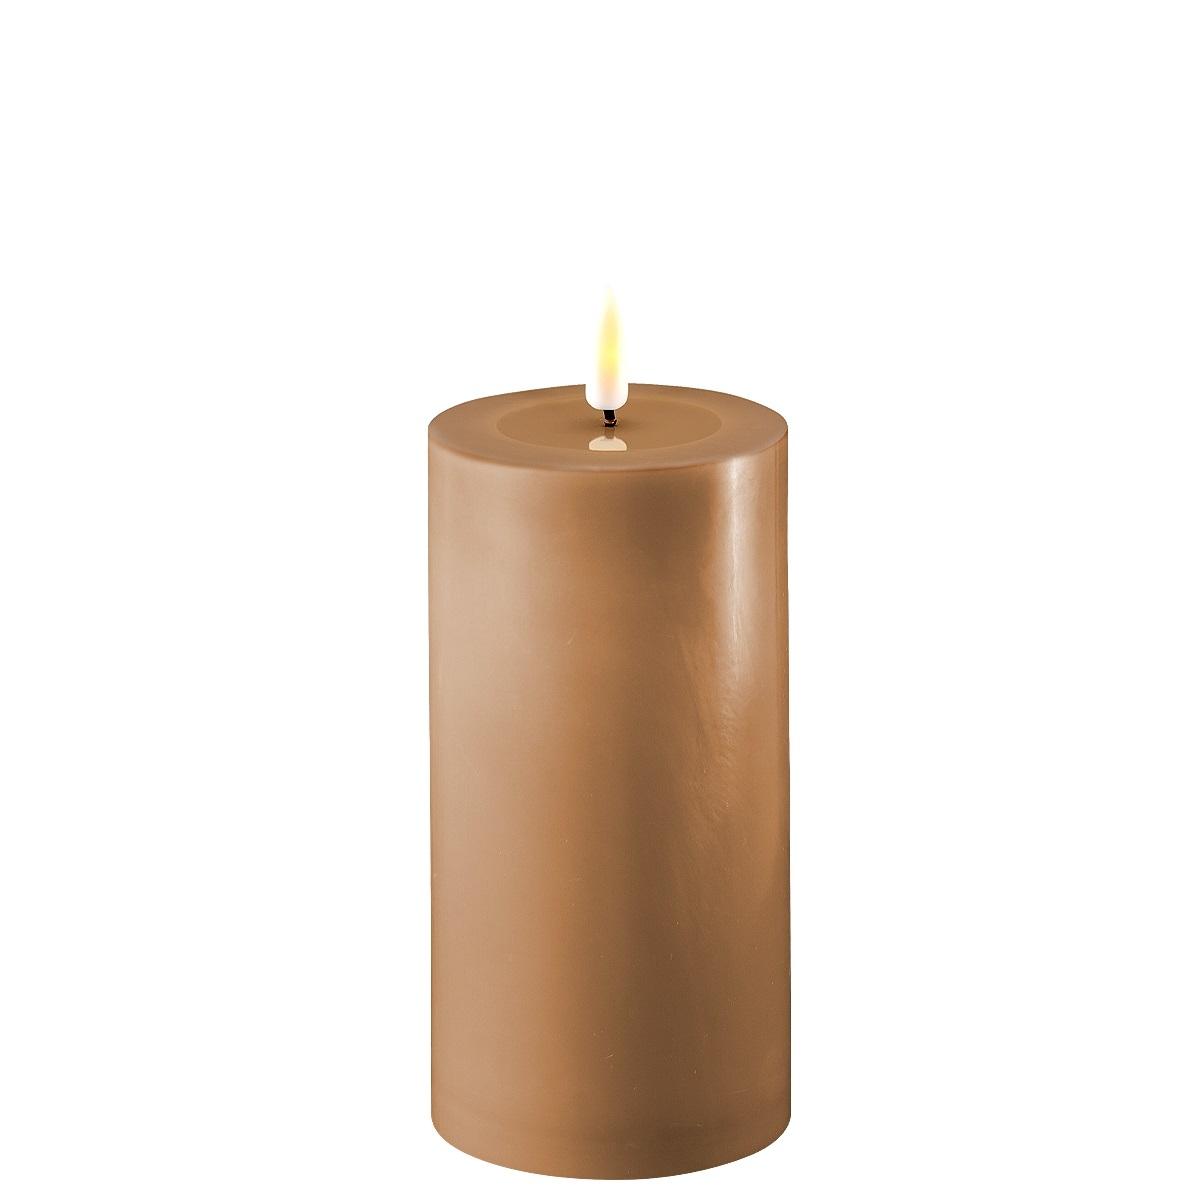 LED-Kerze, 15 cm, karamellbraun